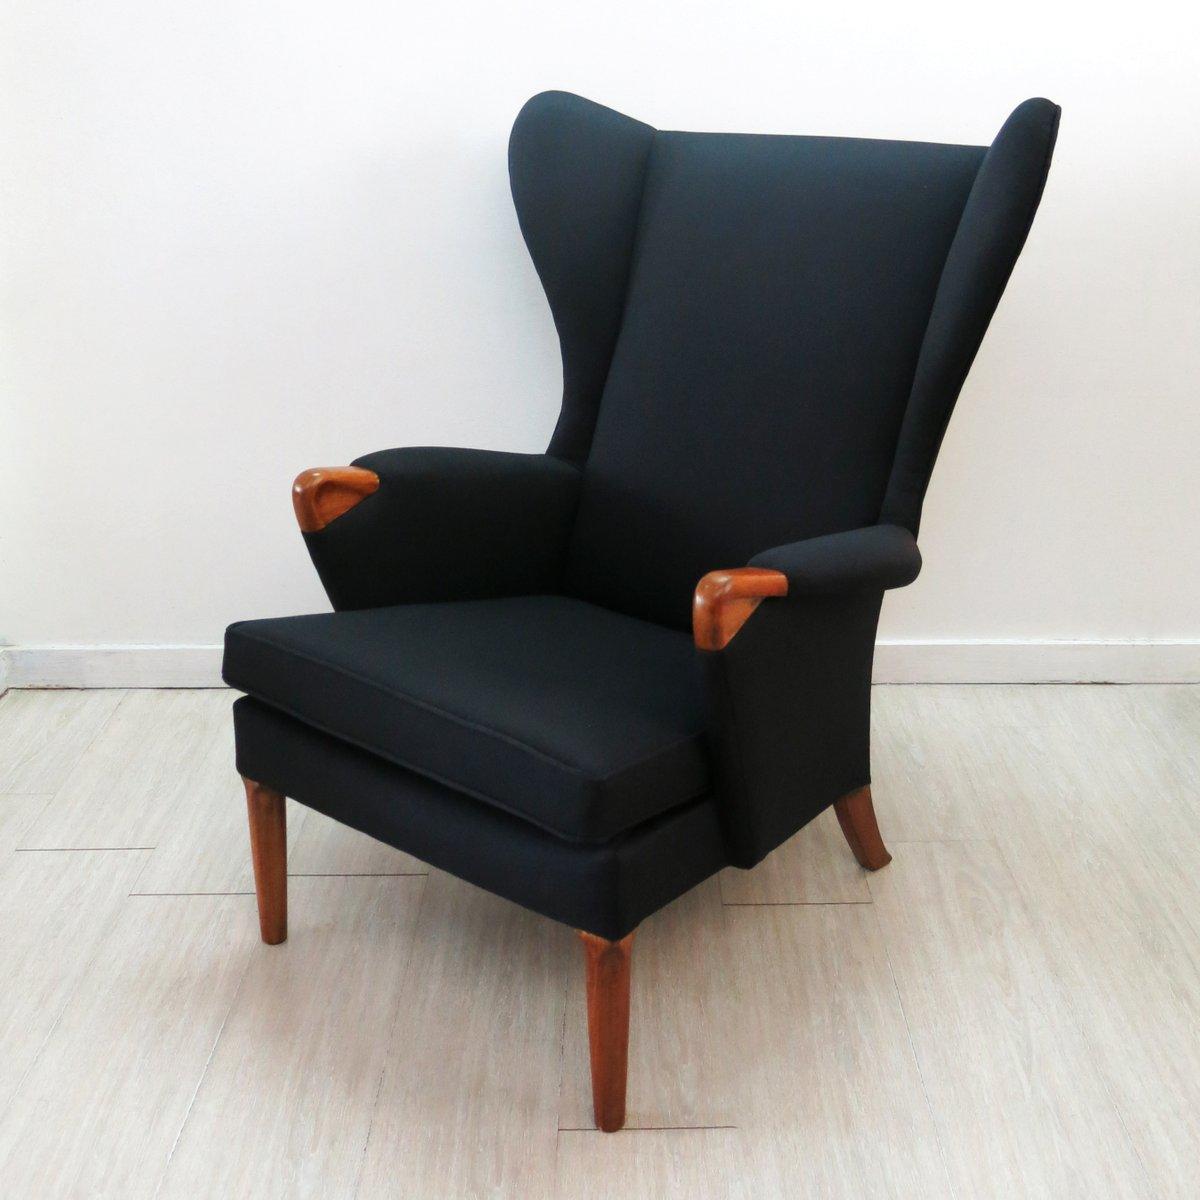 fauteuil oreilles noir avec pieds en teck de parker. Black Bedroom Furniture Sets. Home Design Ideas